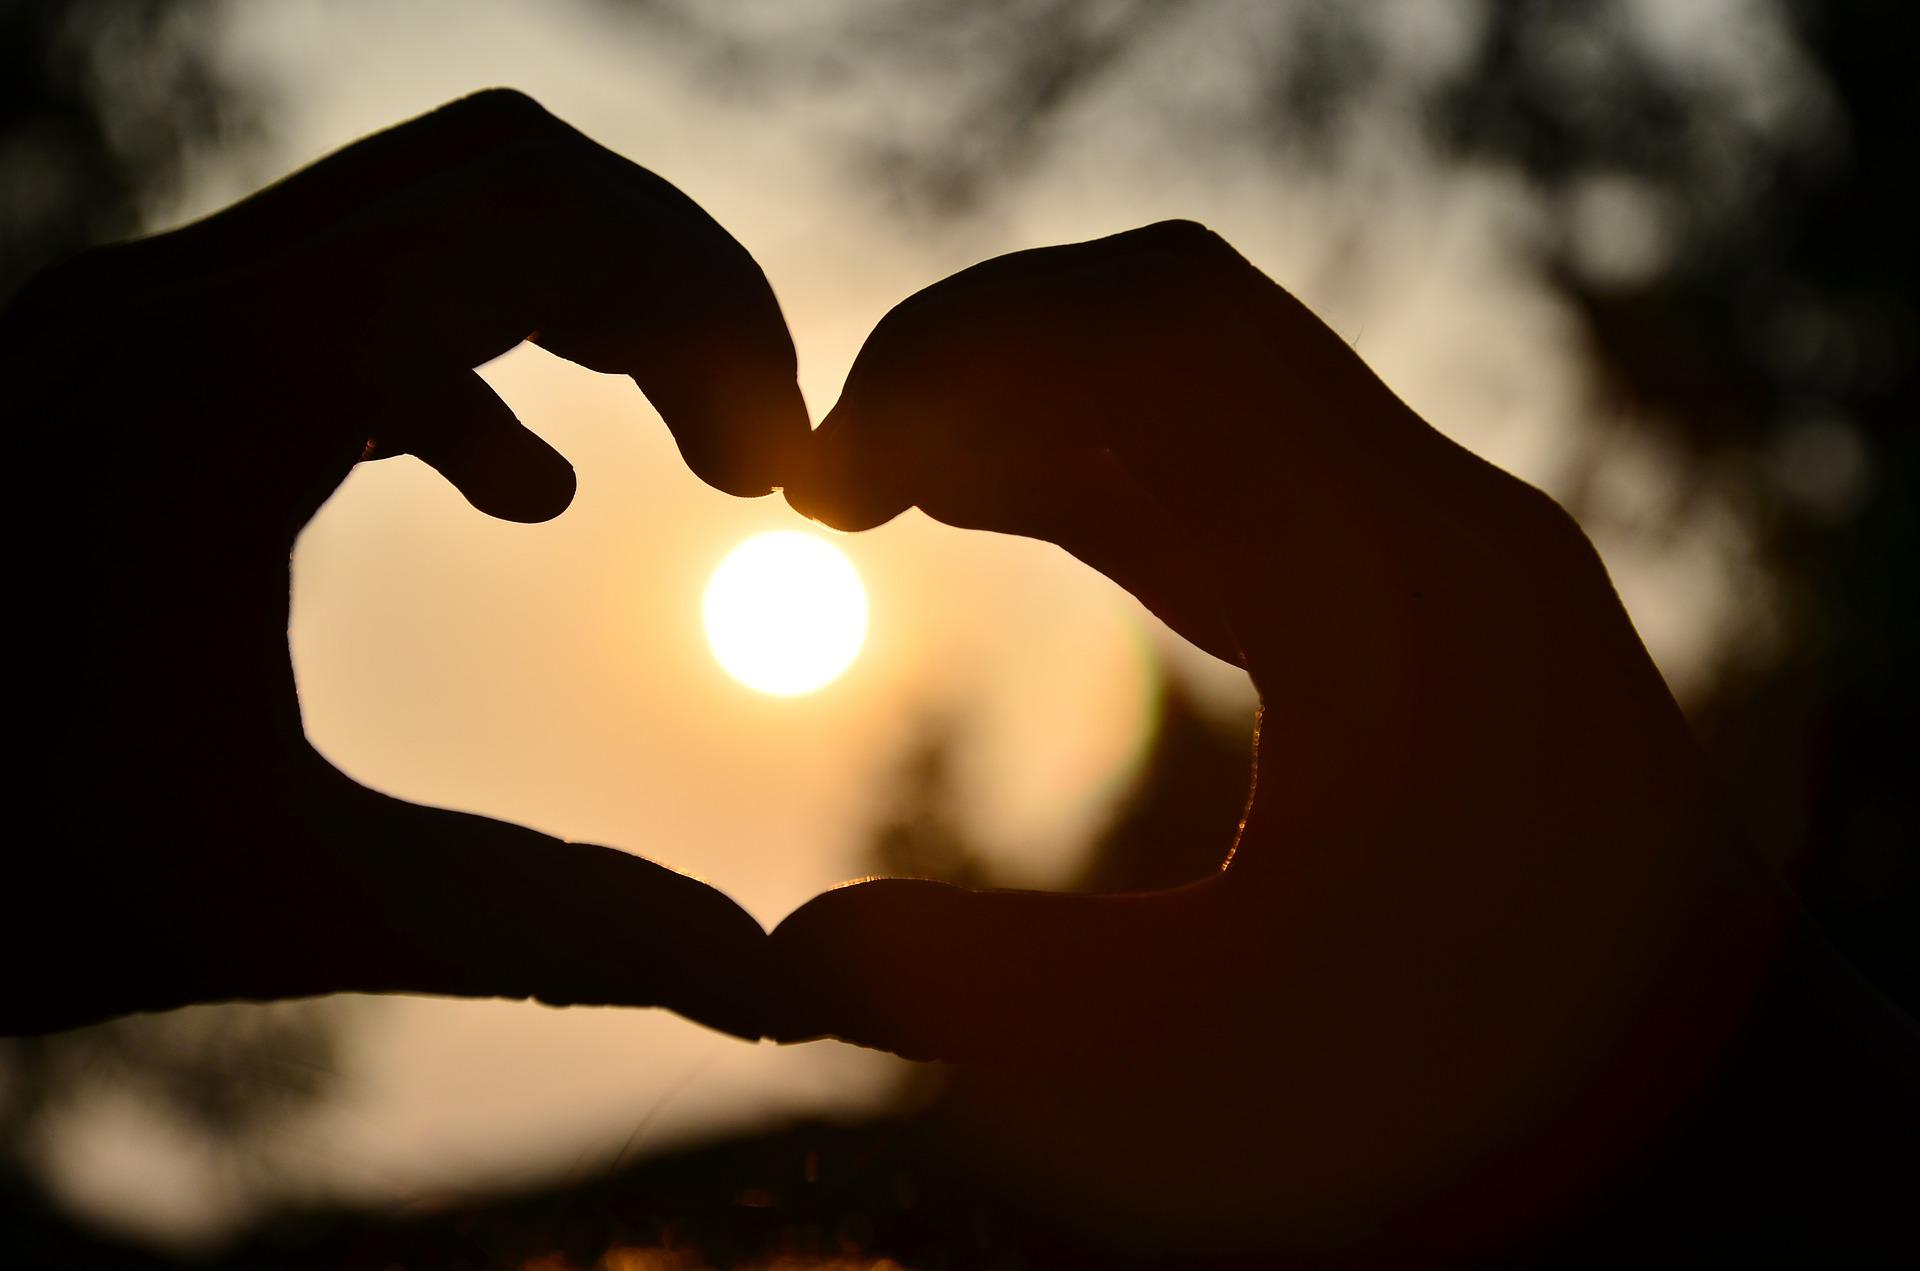 Amor que enferma, amor que sana  (13 de mayo, Conferencia)